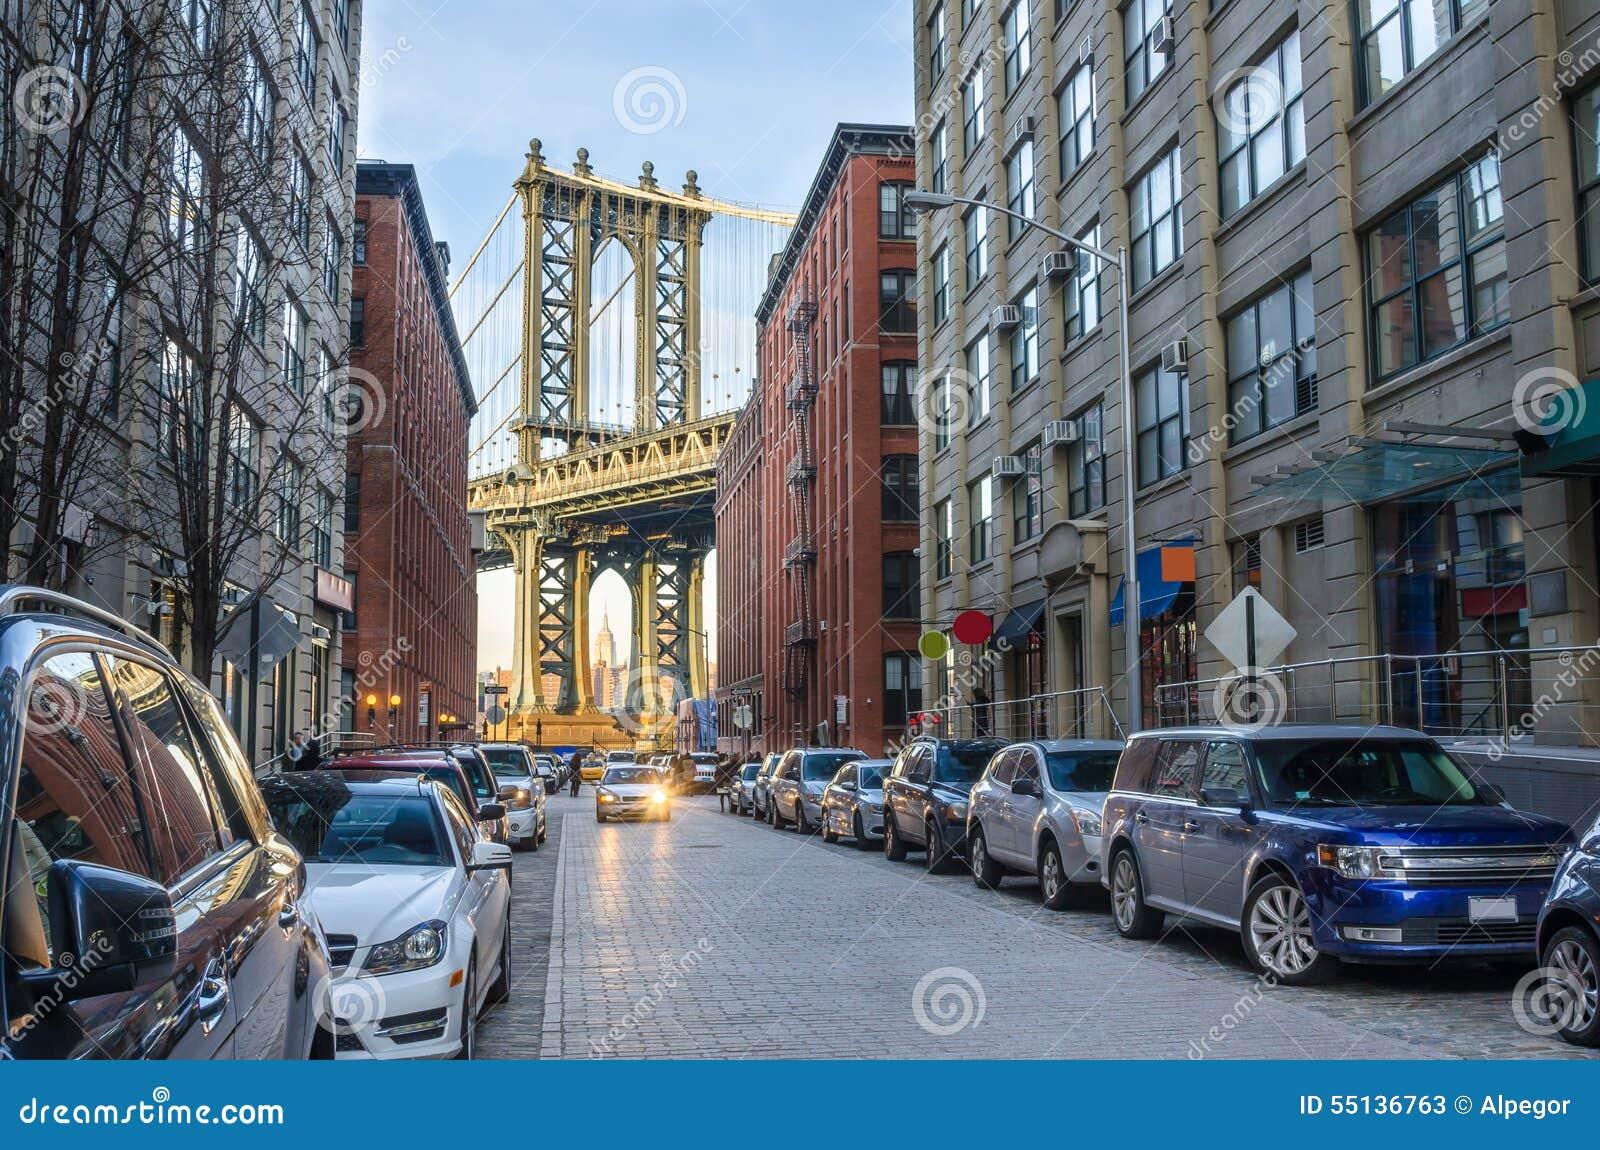 Narrow Cobbled Street with Manhattan Bridge in Background